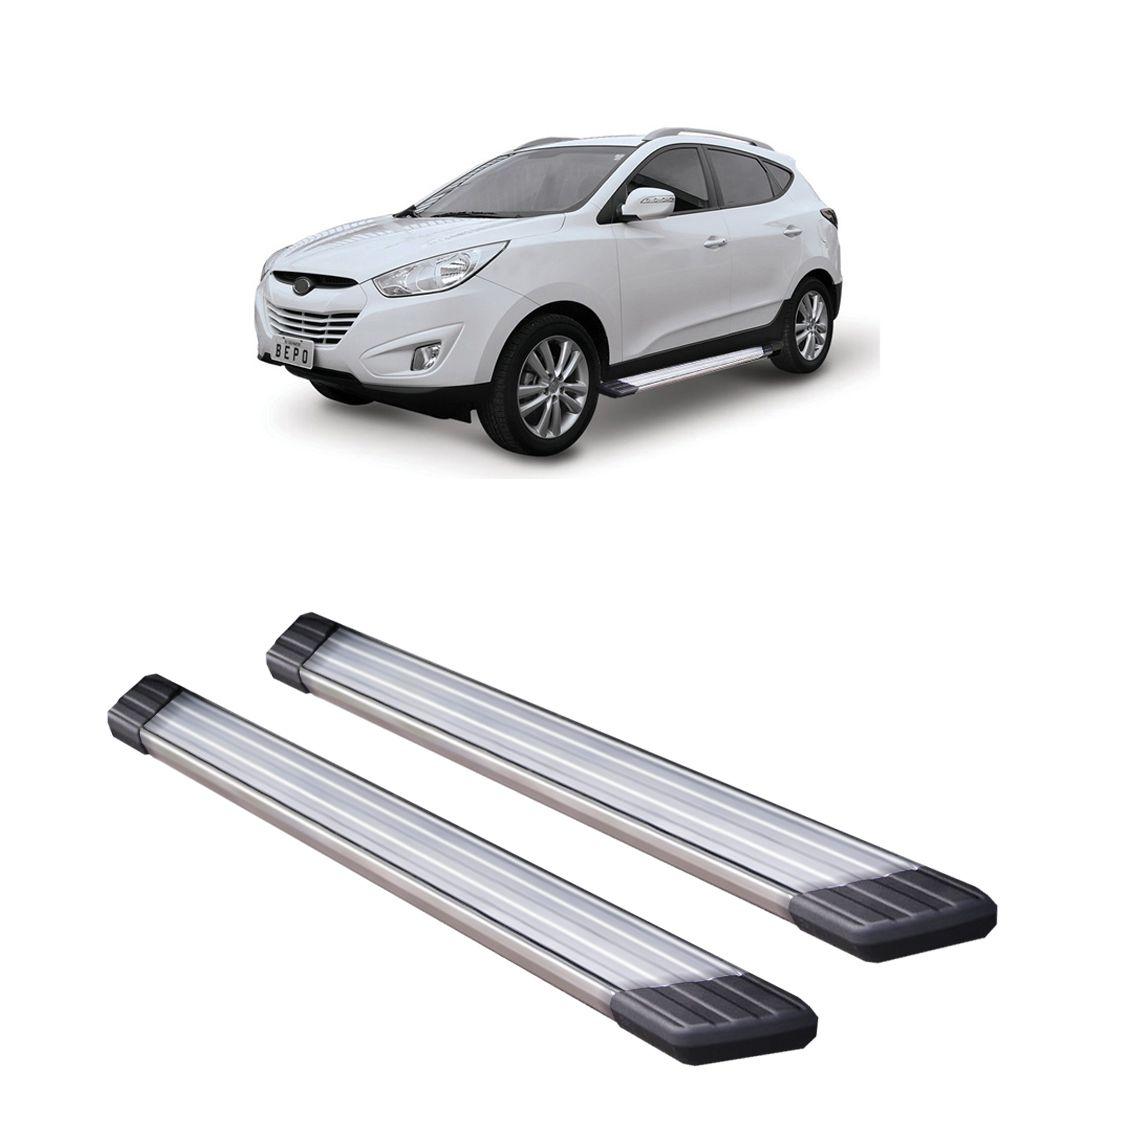 Estribo Aluminio Suv II Hyundai IX35 BEPO 2011 a 2015  - TERRA DE ASFALTO ACESSÓRIOS